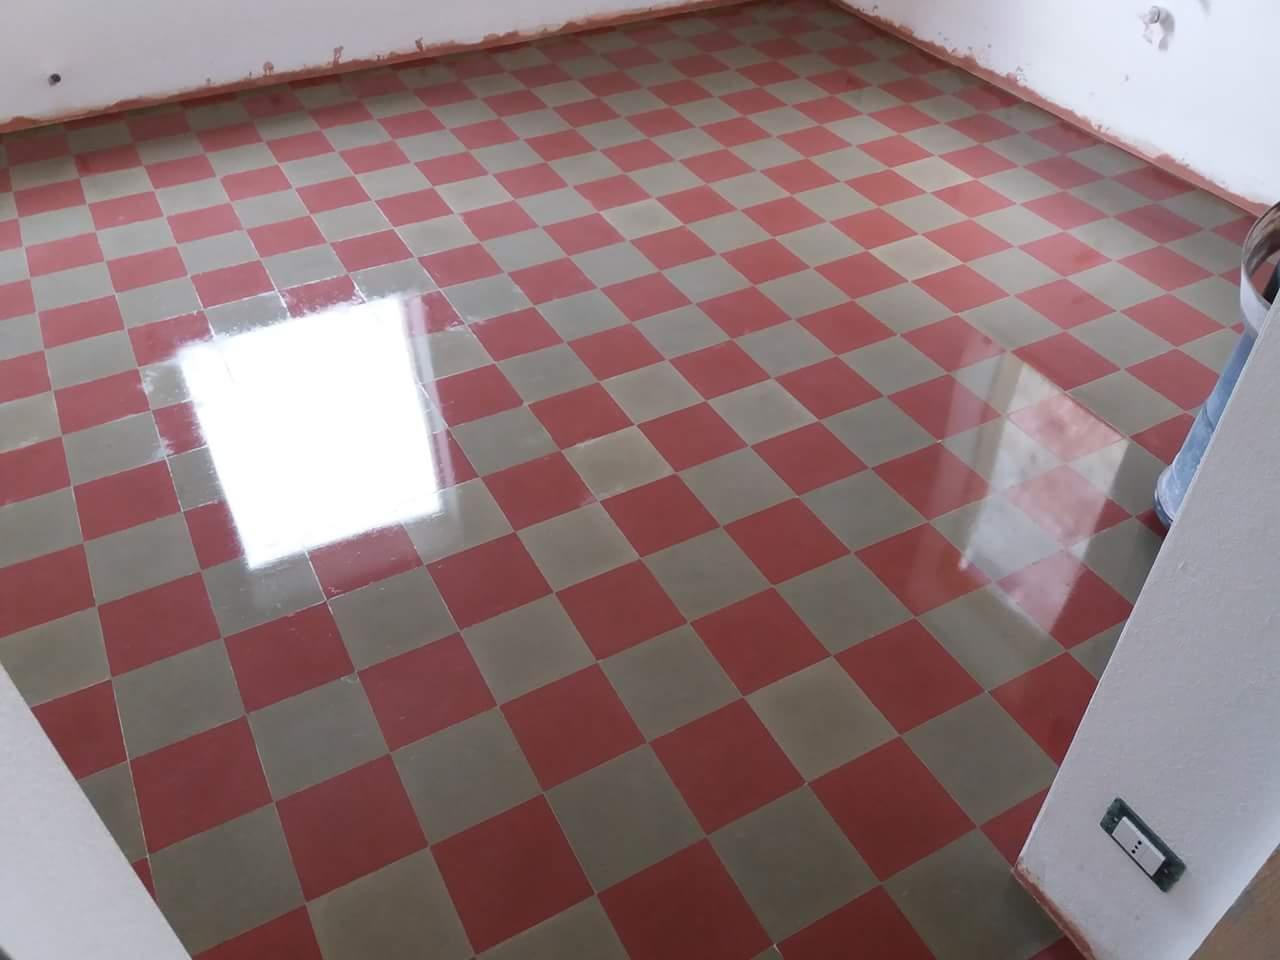 un pavimento a scacchi di color grigio e rosso